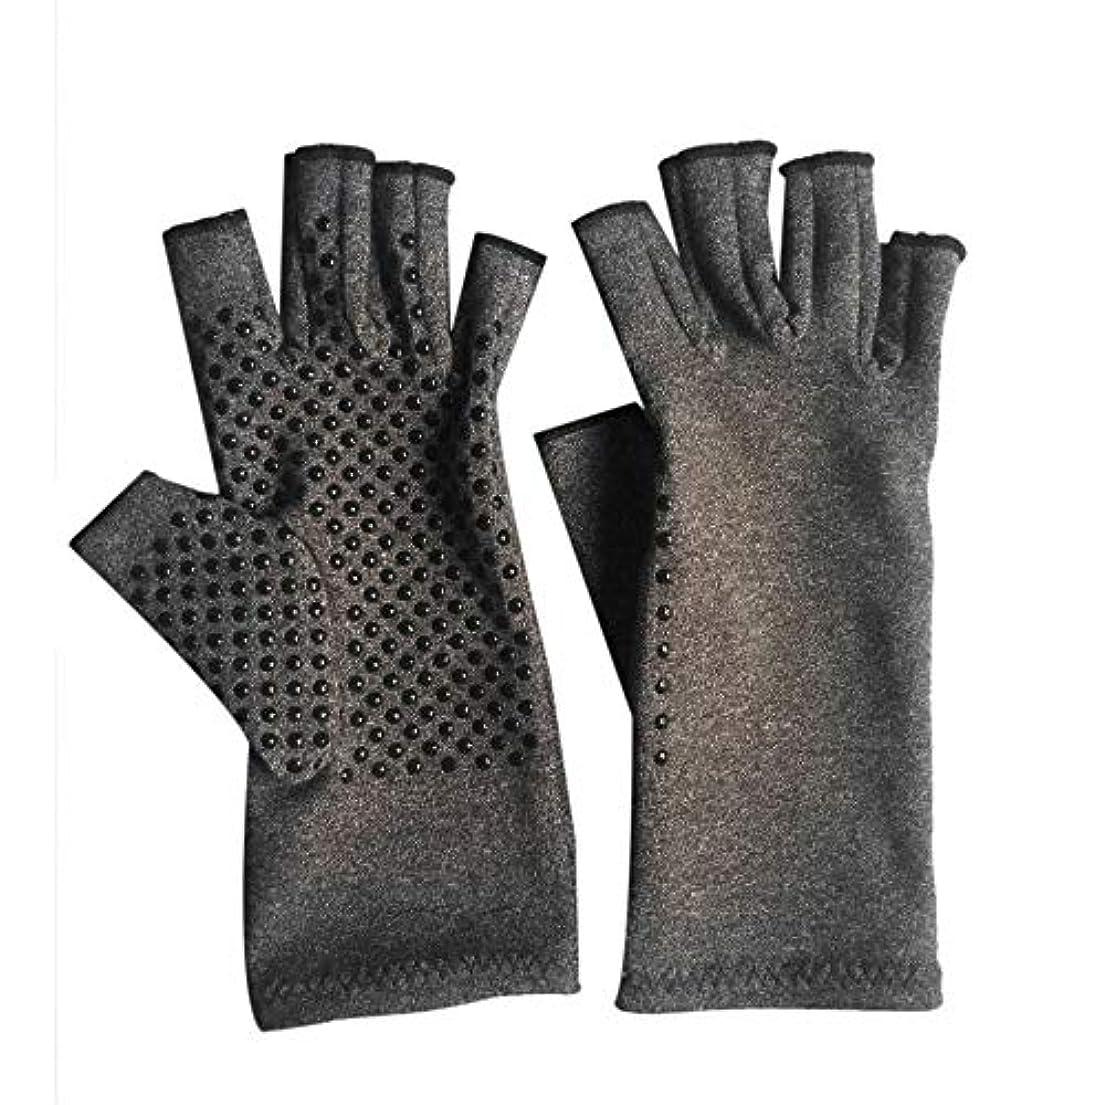 コーンレガシー暗殺する1ペアユニセックス男性女性療法圧縮手袋関節炎関節痛緩和ヘルスケア半指手袋トレーニング手袋 - グレーM